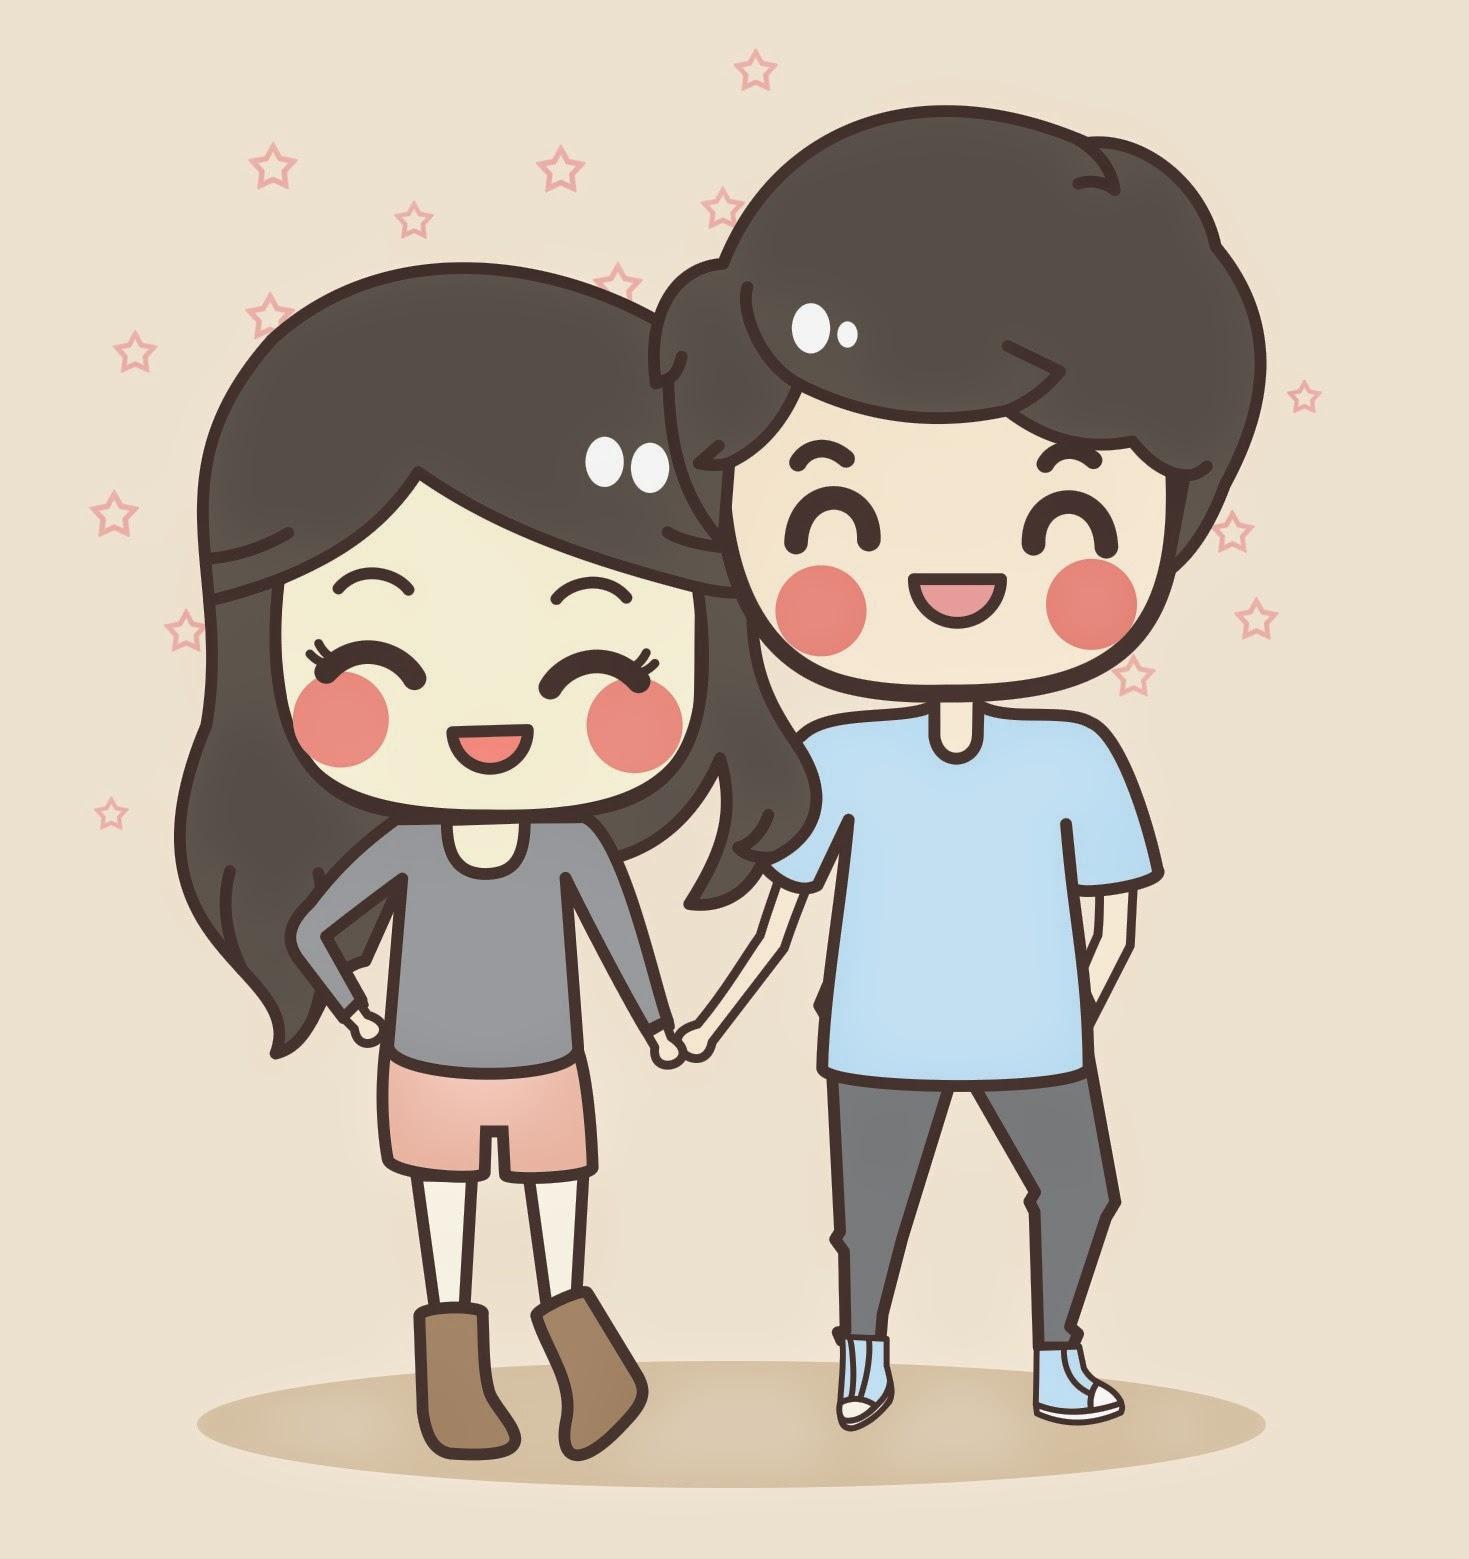 tai-hinh-anh-de-thuong-cute-lam-avatar-social-network (17)